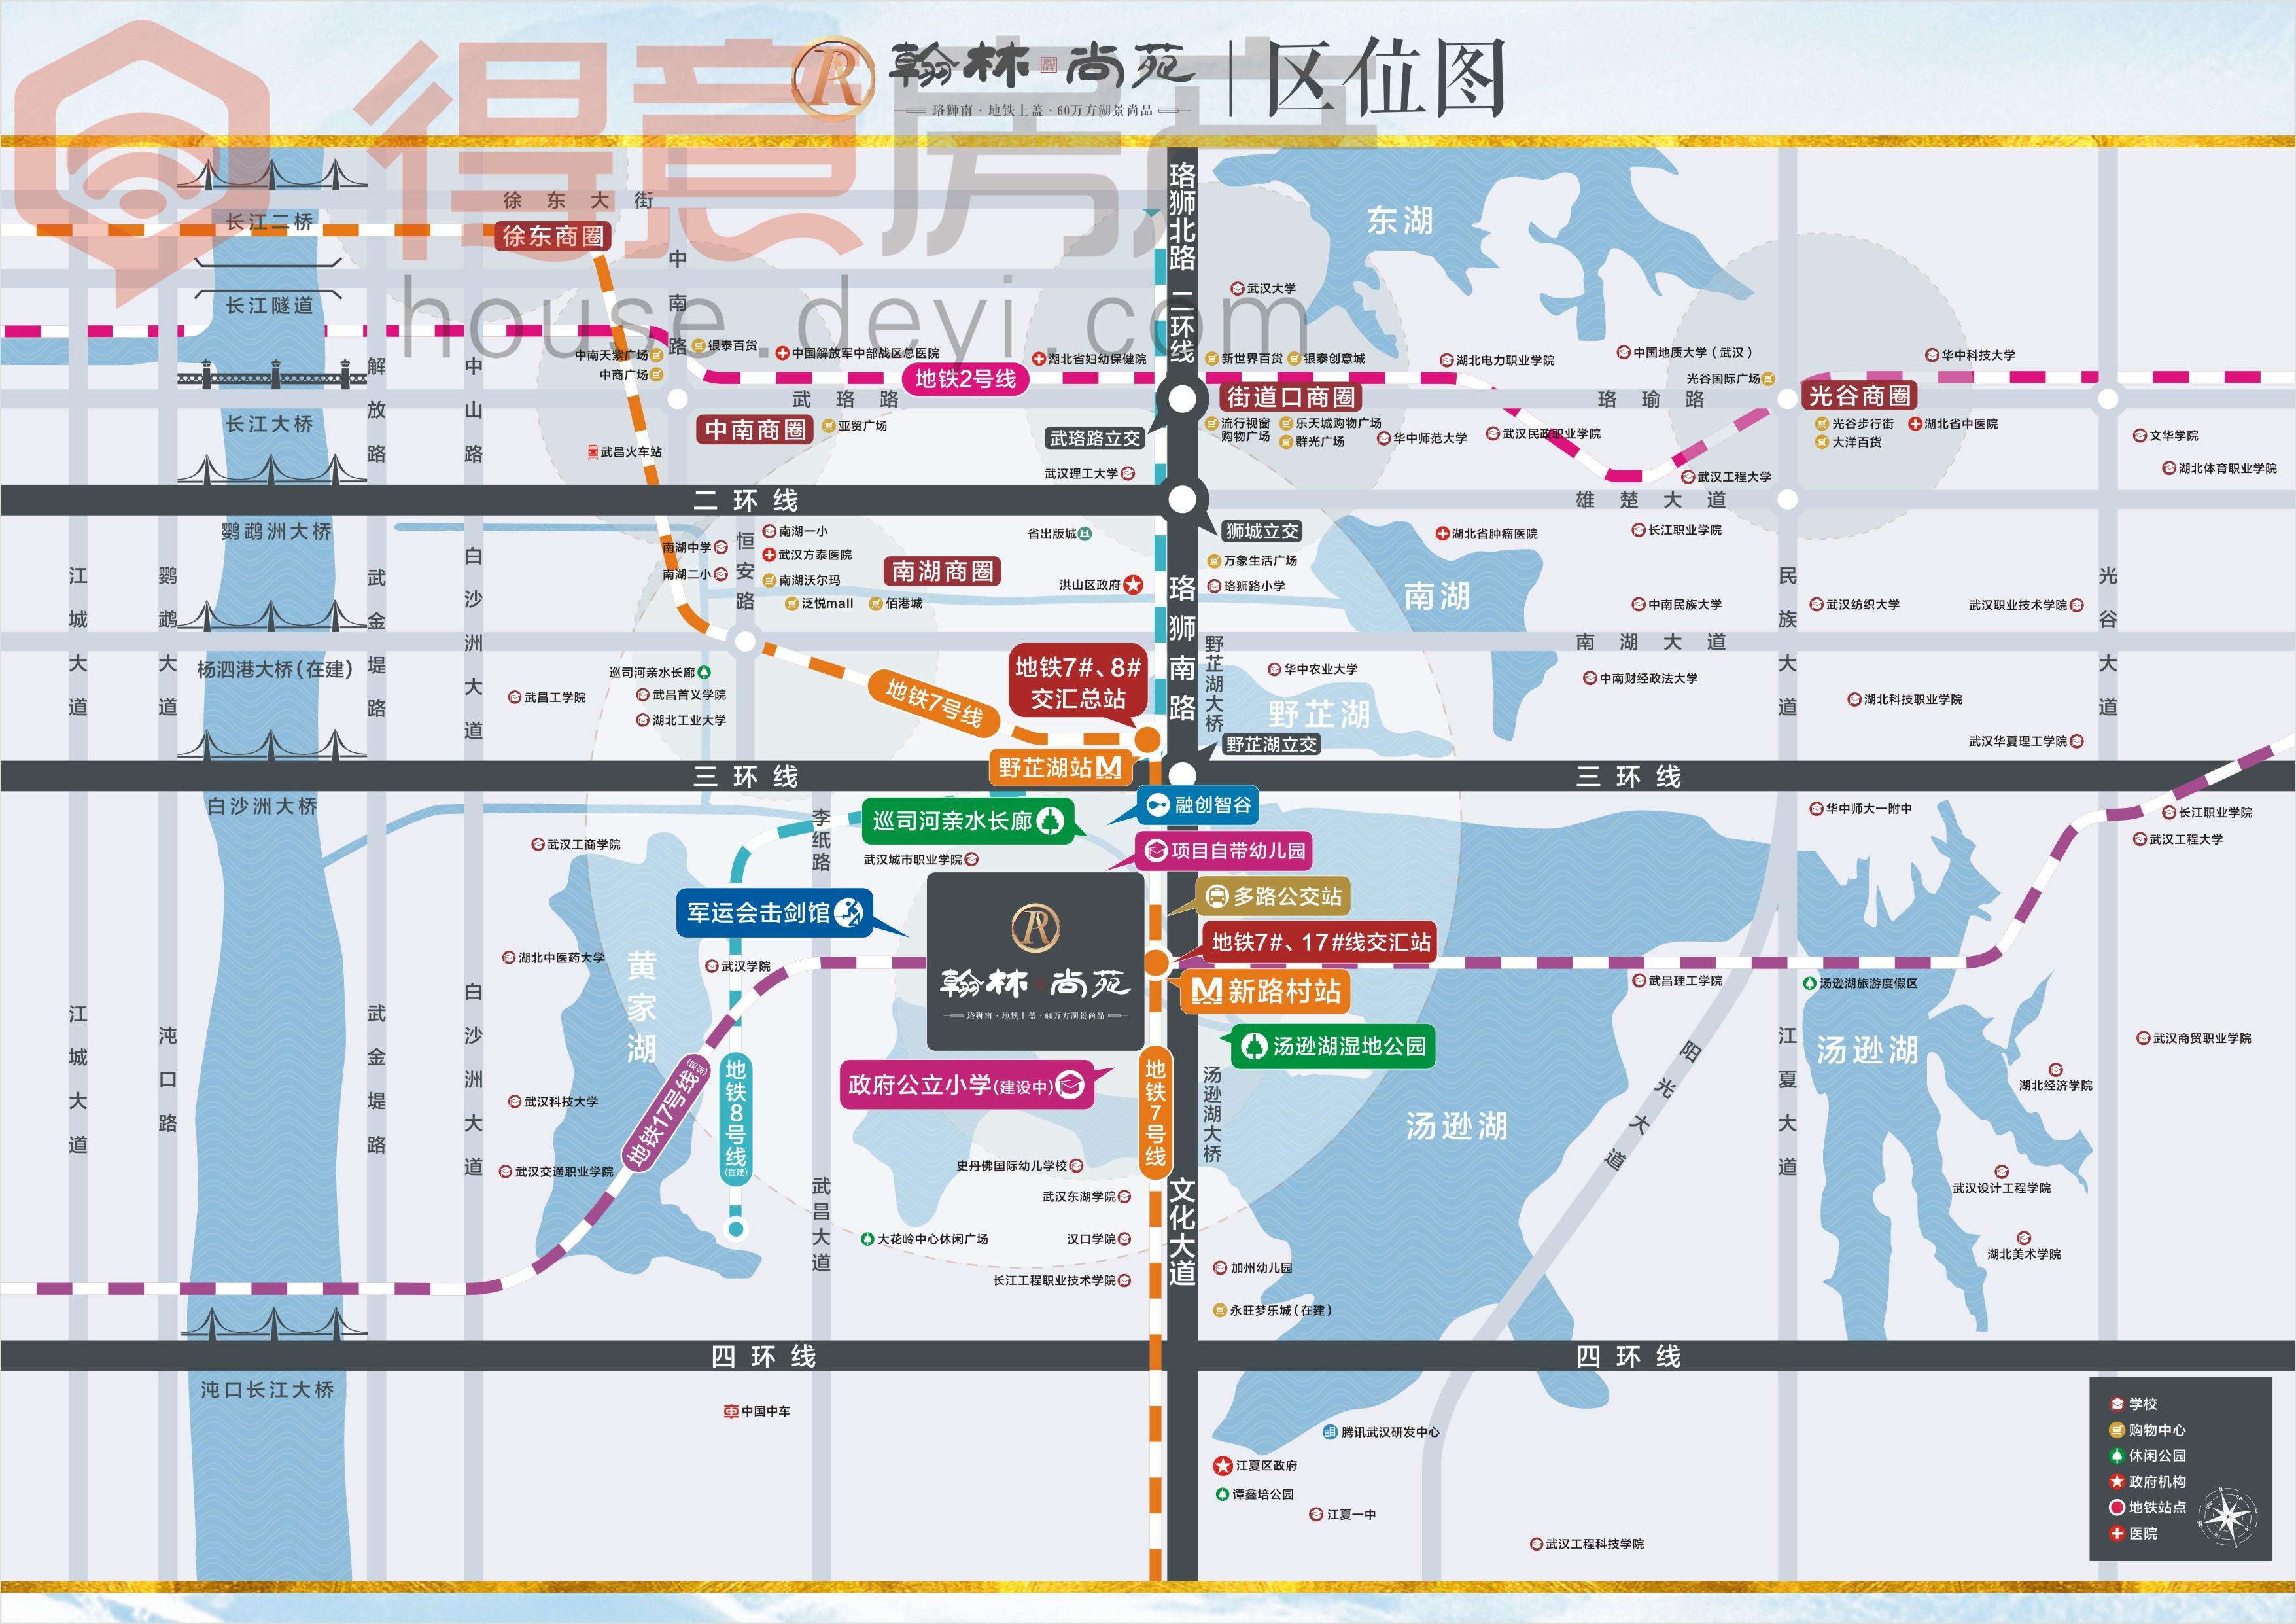 坐标:武汉市洪山区文化大道首端,距离三环线1公里 楼盘地址:武汉市